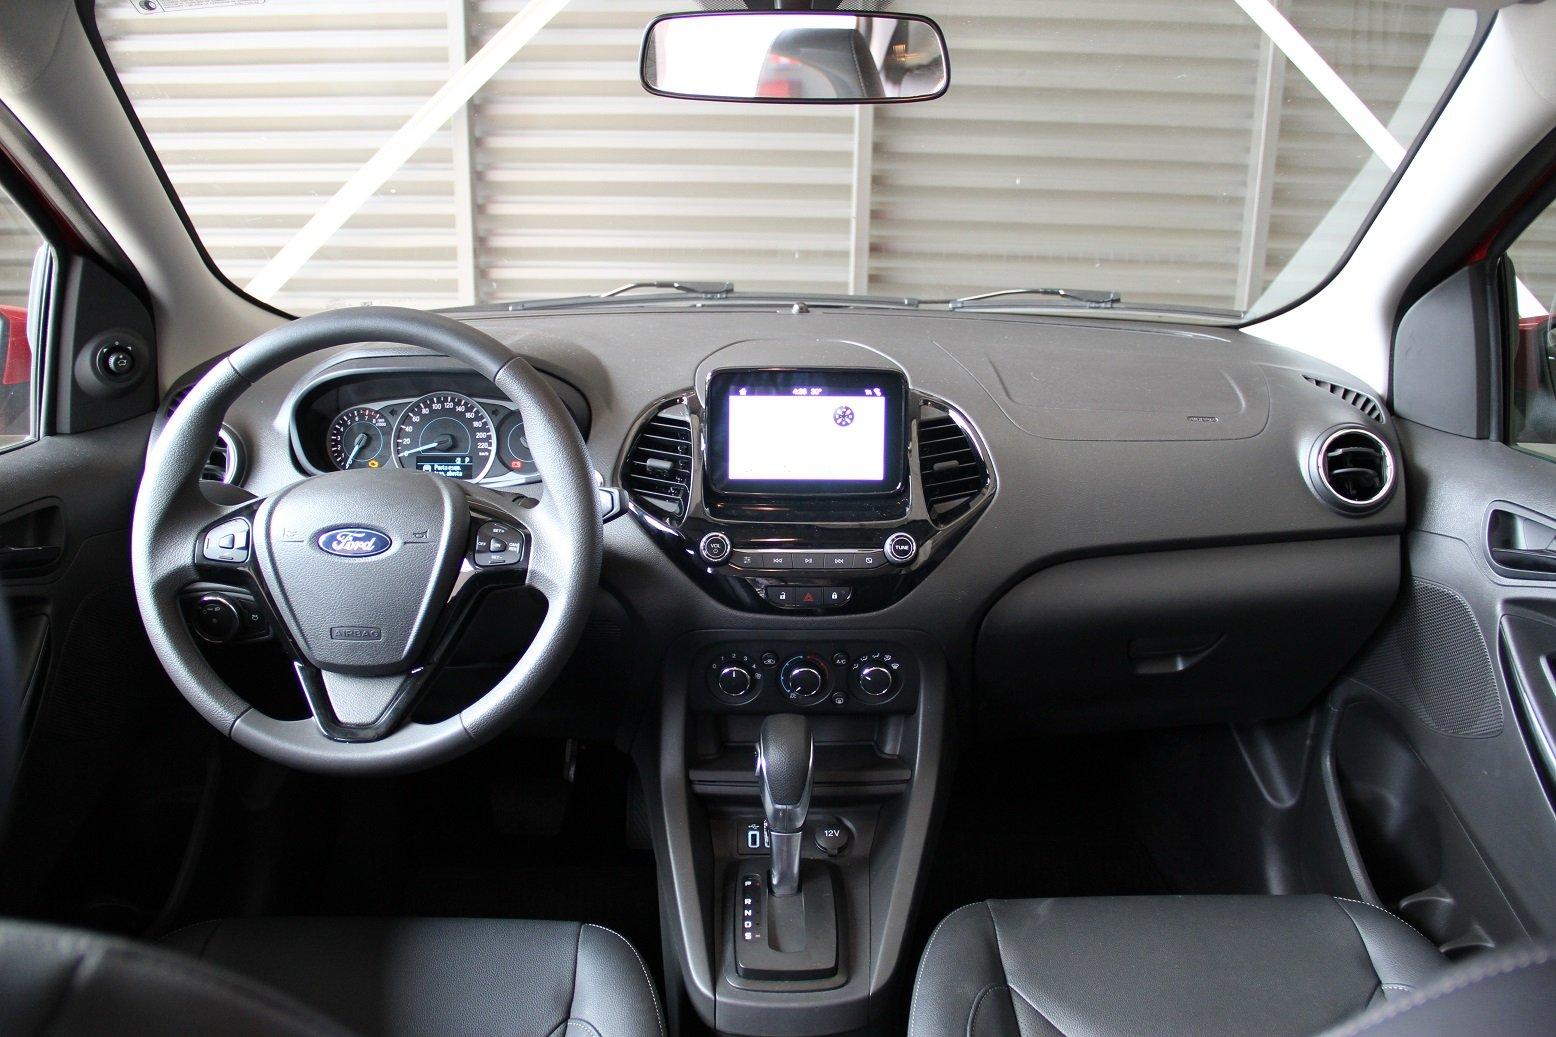 Motor 1.5 de três cilindros e câmbio automático de seis marchas são pontos fortes do Ford Ka Sedan Titanium